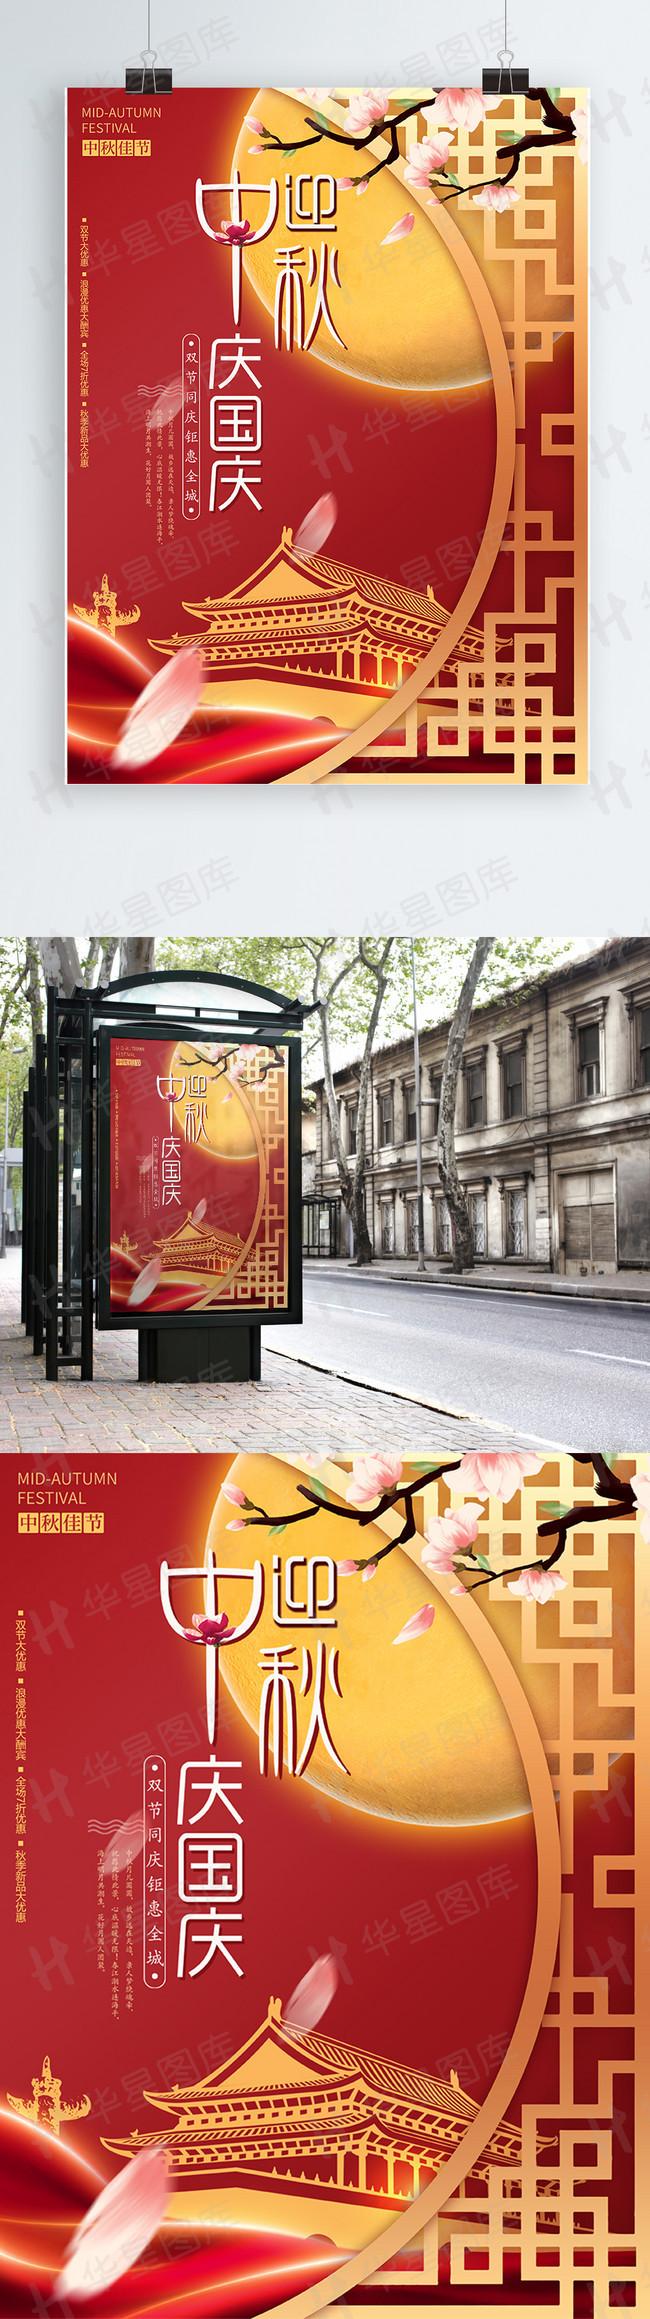 原创创意中秋国庆双节节日宣传海报